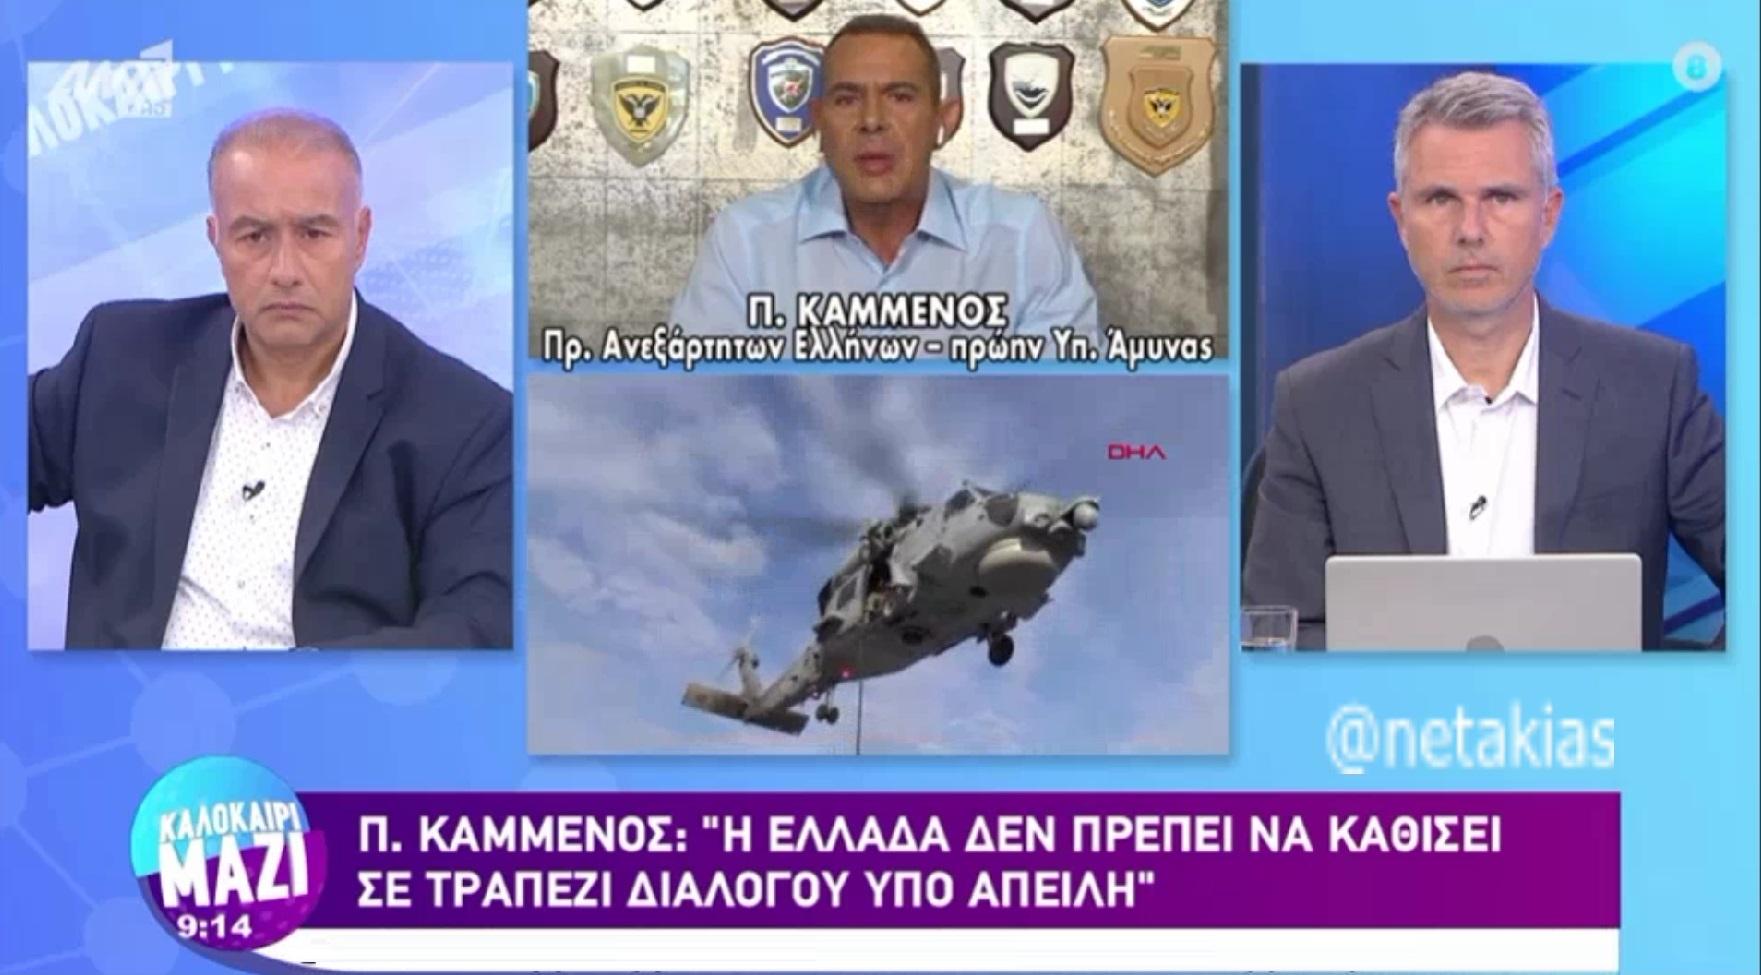 Η πατριωτική συνέντευξη του Πάνου Καμμένου στον Αντ1 για Αιγαίο και Τουρκια. @panoskammenos